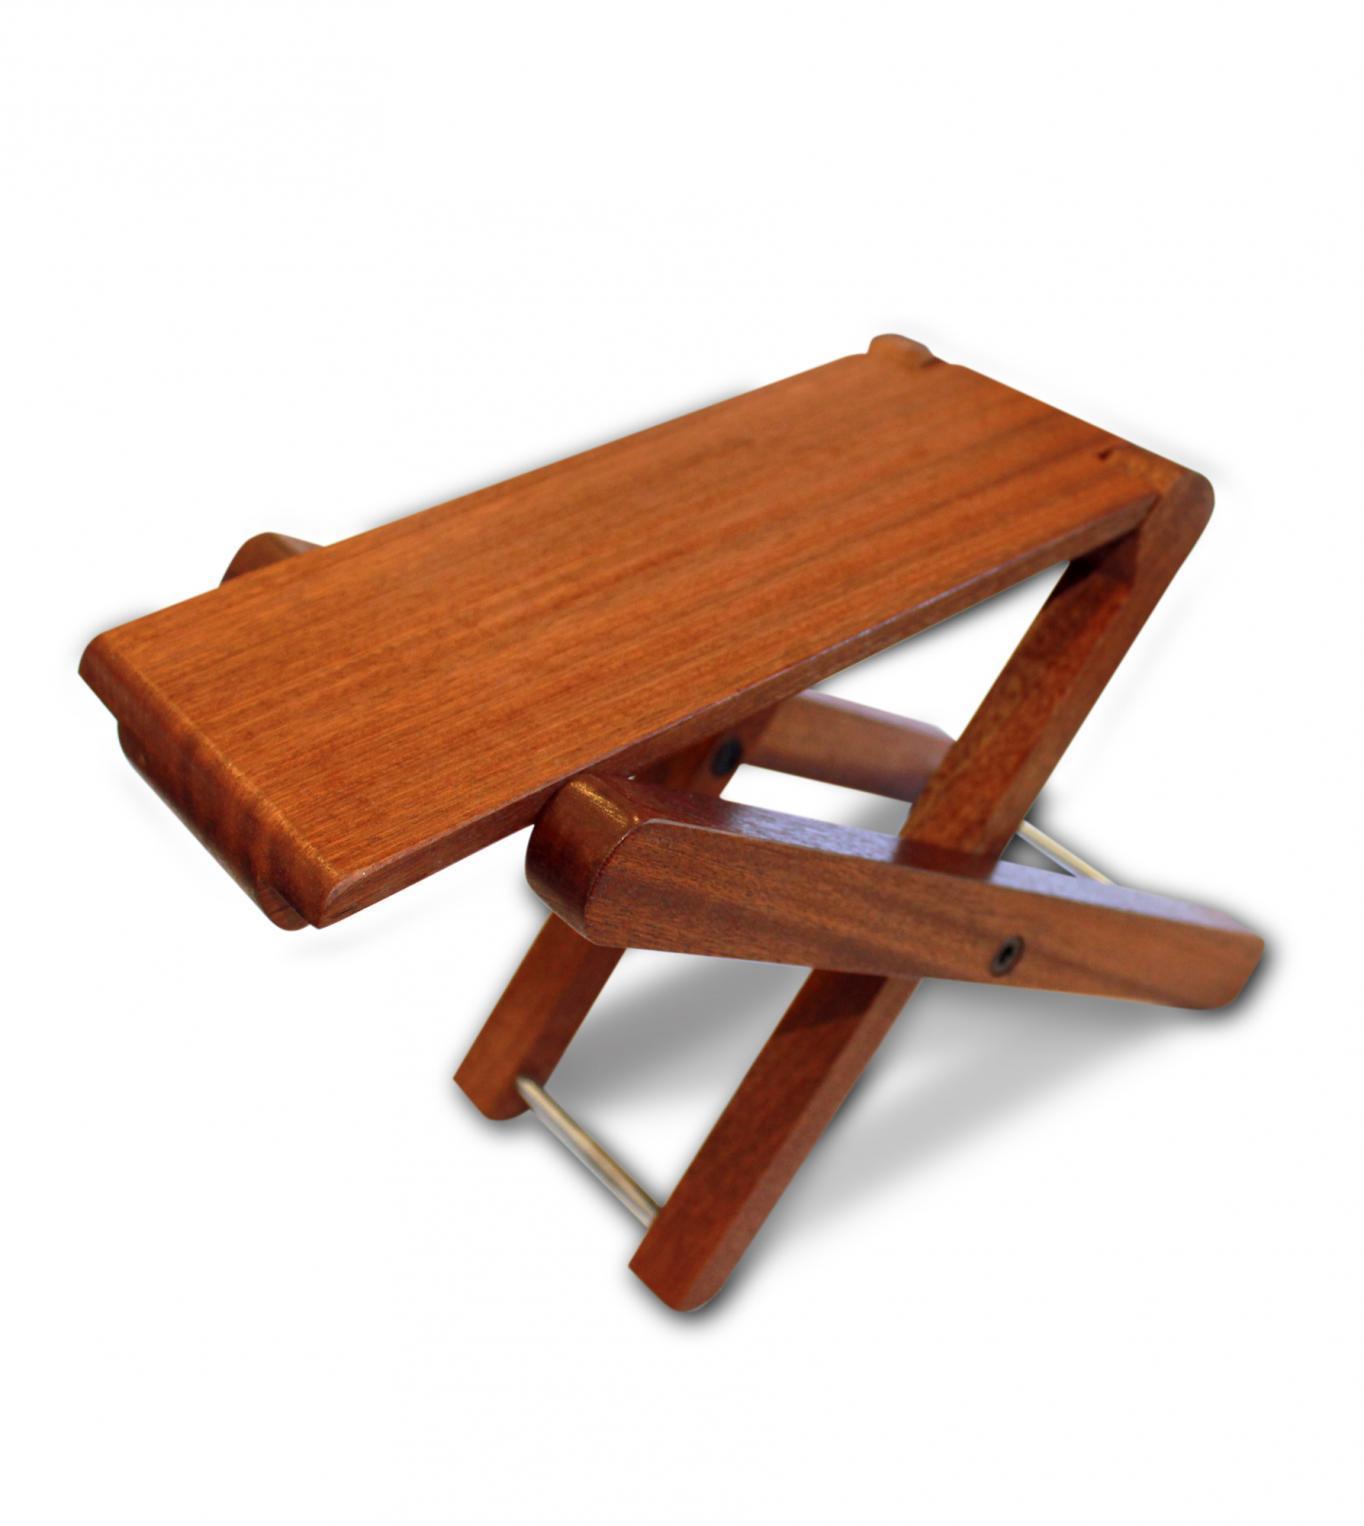 Cordoba Folding Footstool - Solid Mahogany GR-4L3J-3H9B